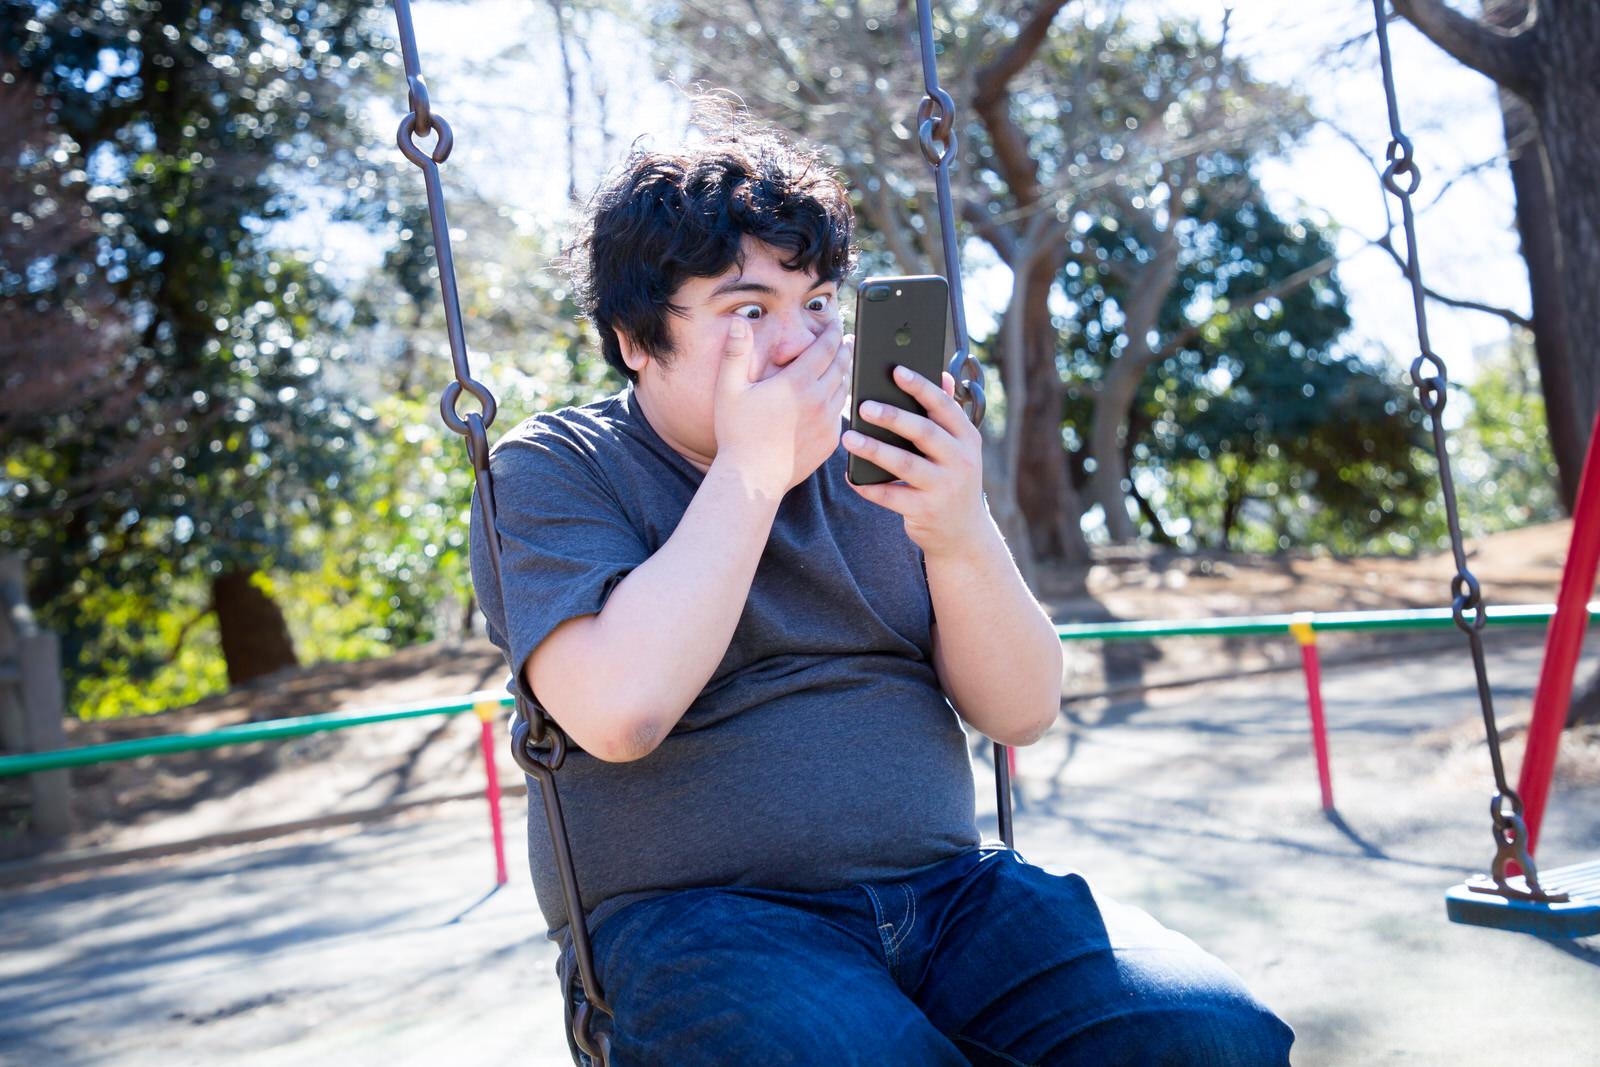 若者「iPhoneは携帯と呼ばない」「プレステをファミコンというのと同じ」に様々な意見